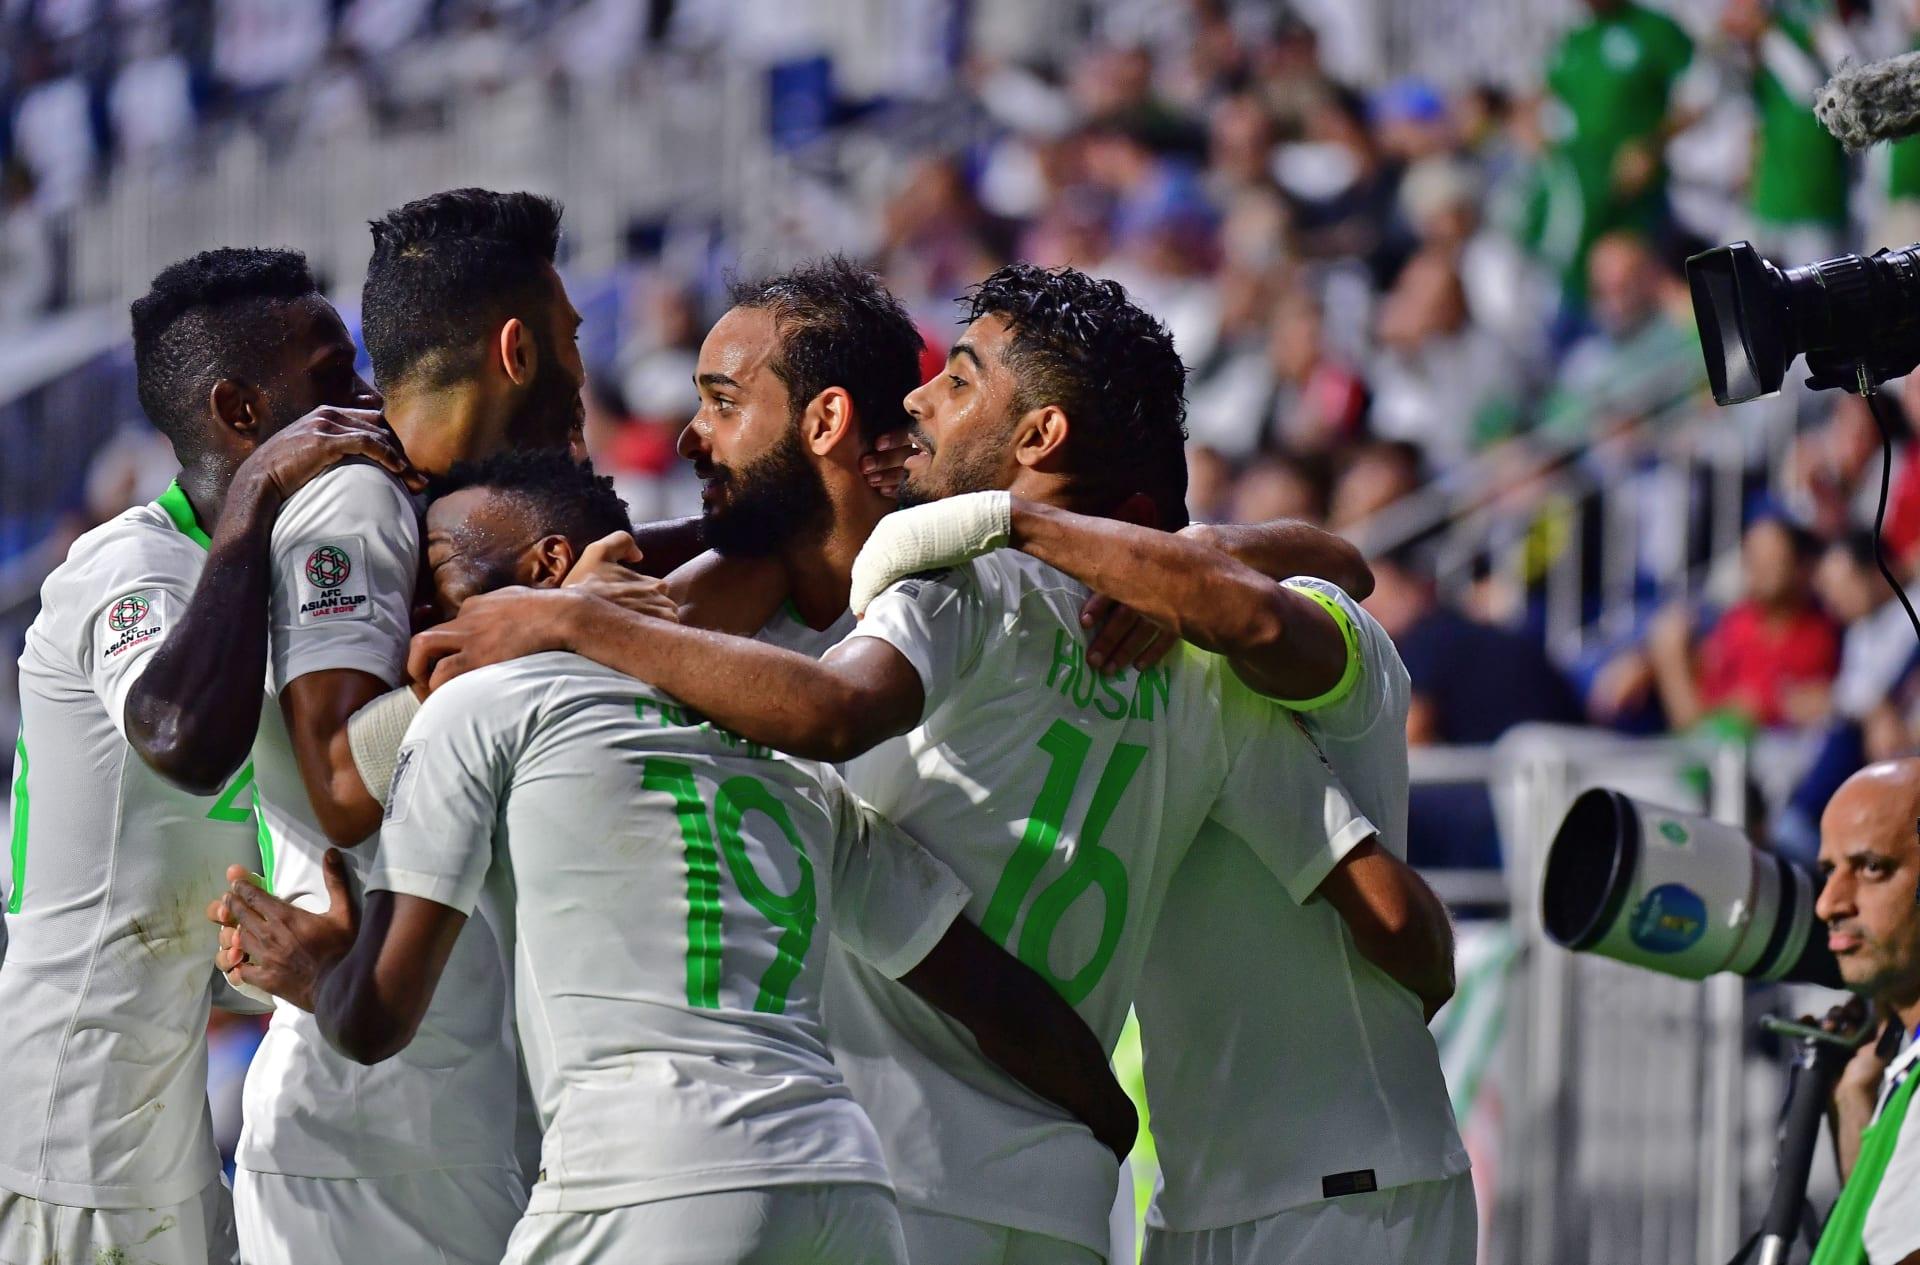 السعودية تتغلب على لبنان وتتأهل إلى دور الـ16 من كأس آسيا